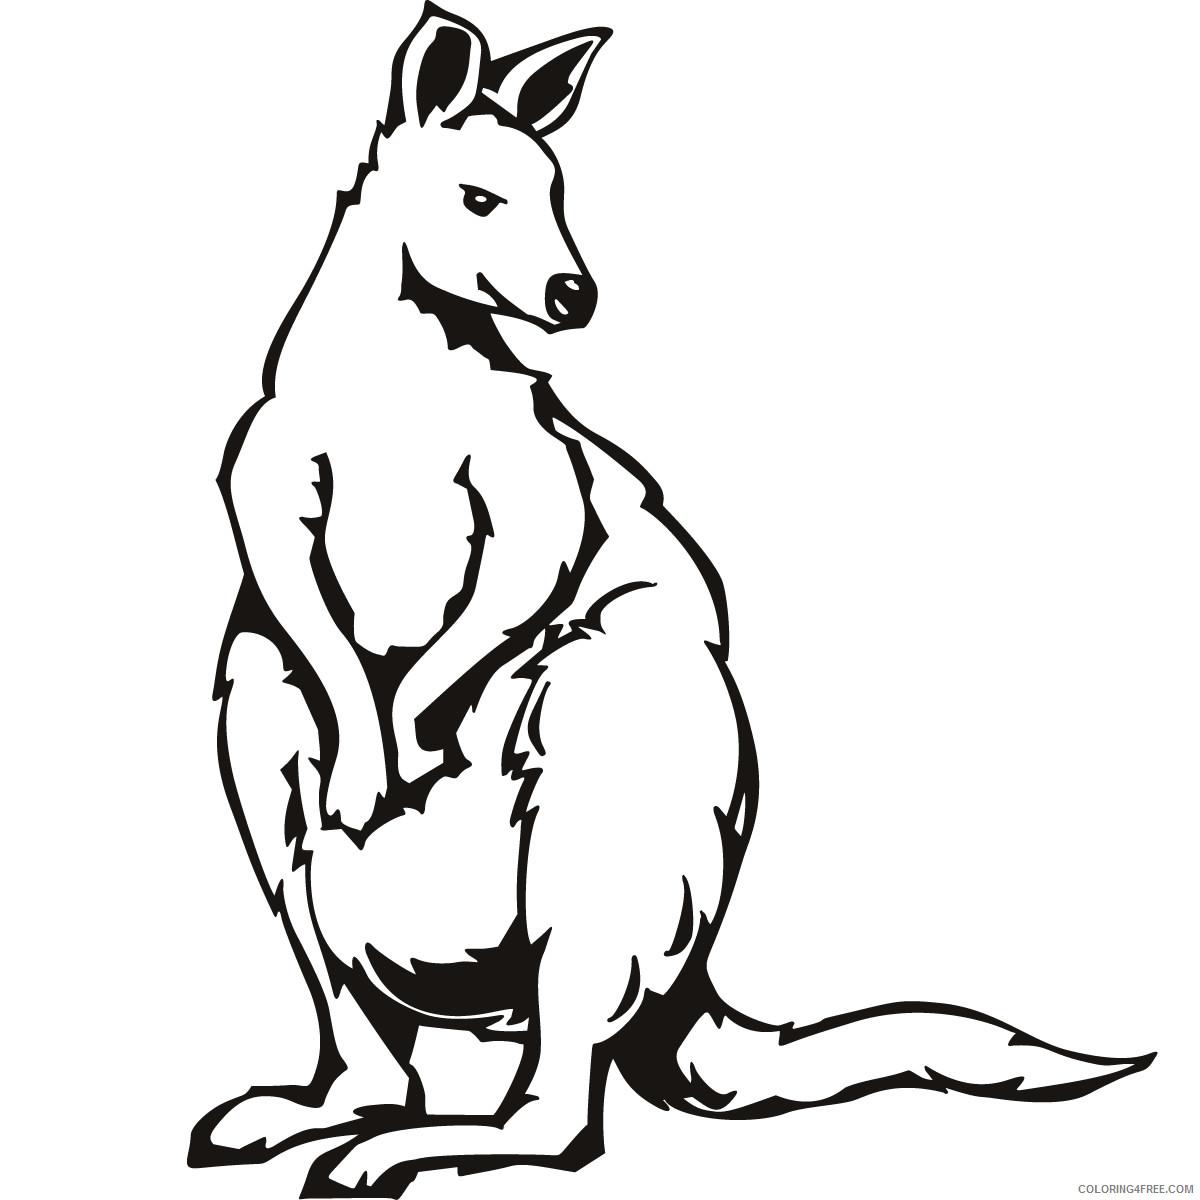 Kangaroo Outline Coloring Pages kangaroo outline 8eMg6U jpg Printable Coloring4free